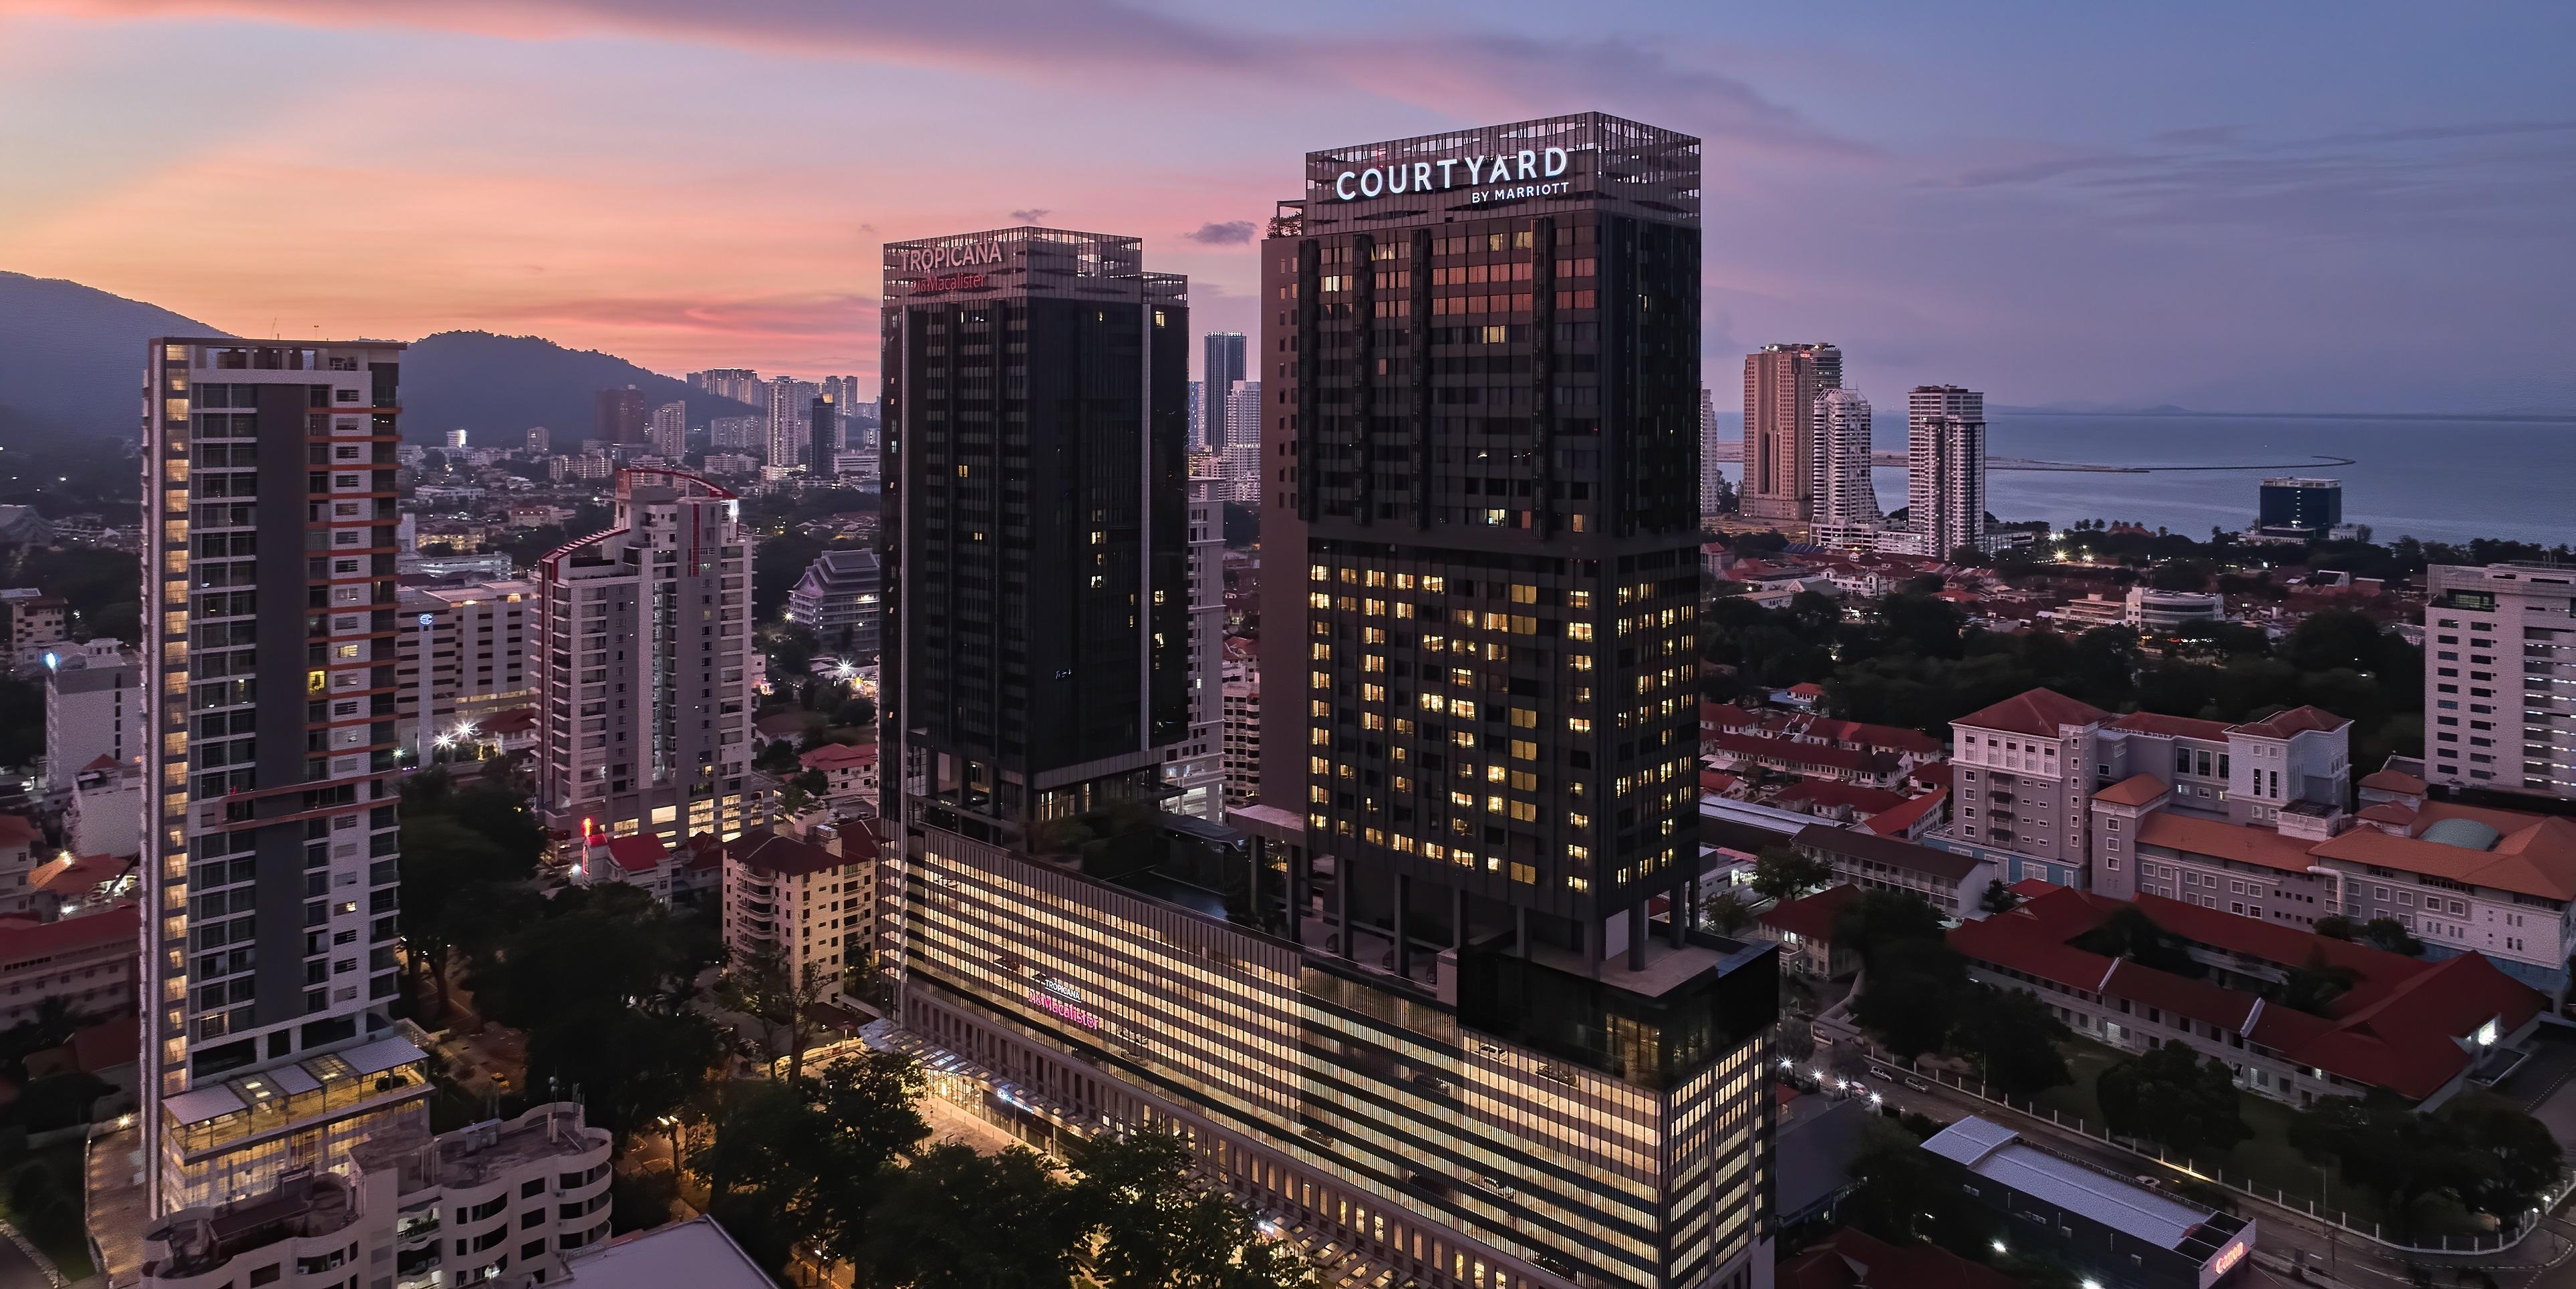 Courtyard by Marriott Penang.jpg